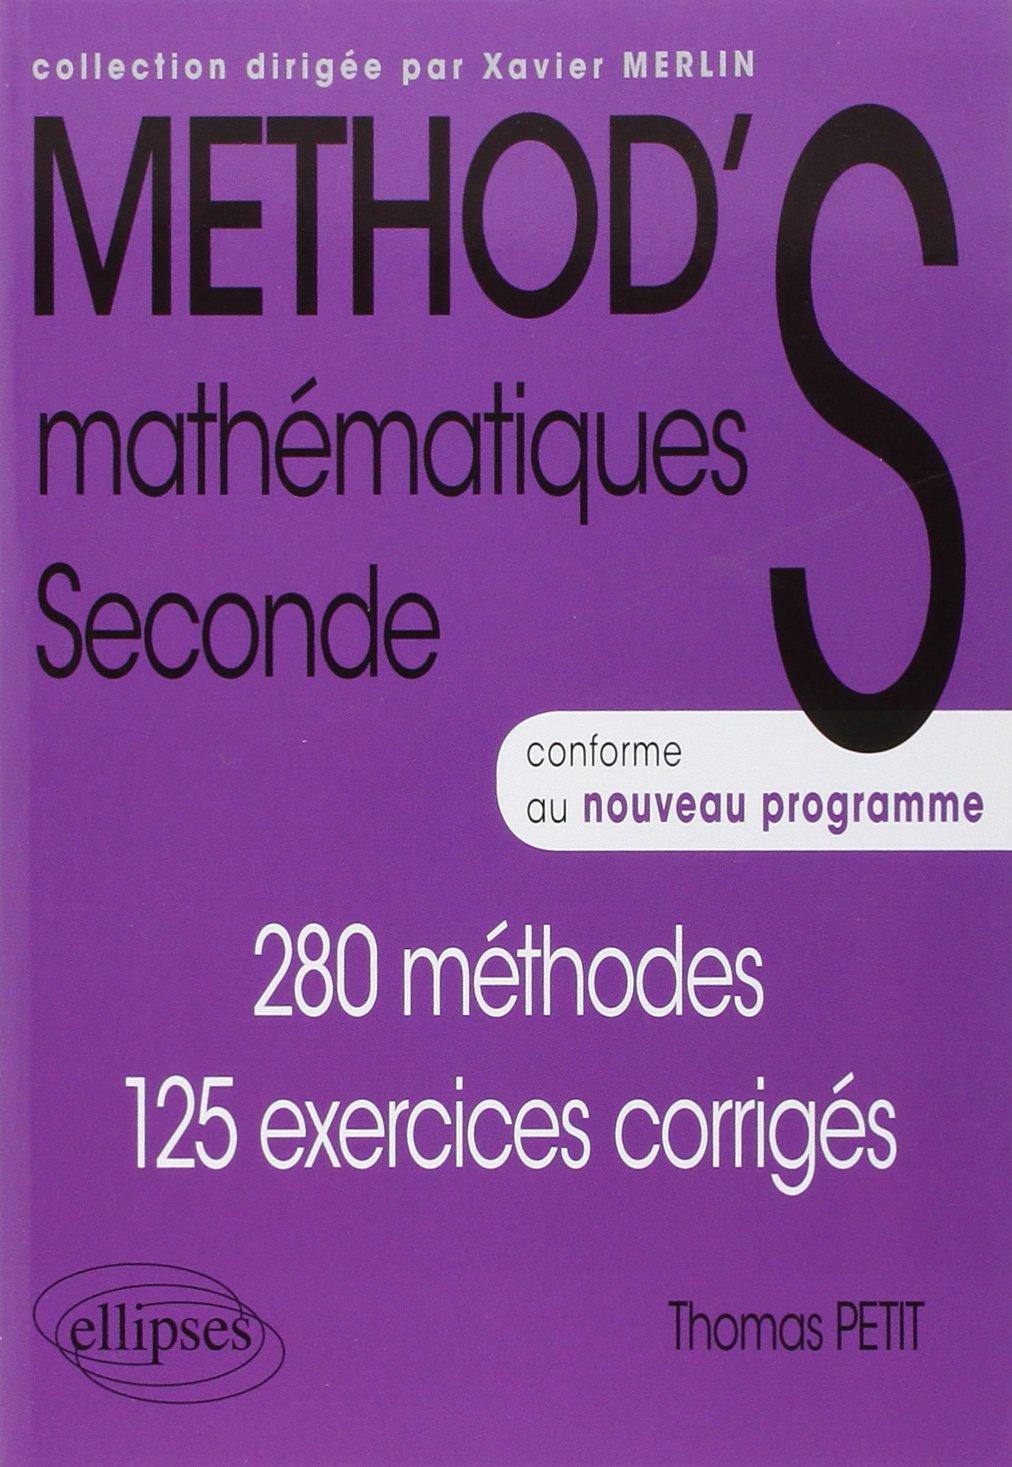 Method S Mathematiques Seconde Conforme Au Nouveau Programme Amazon Fr Petit Thomas Livres